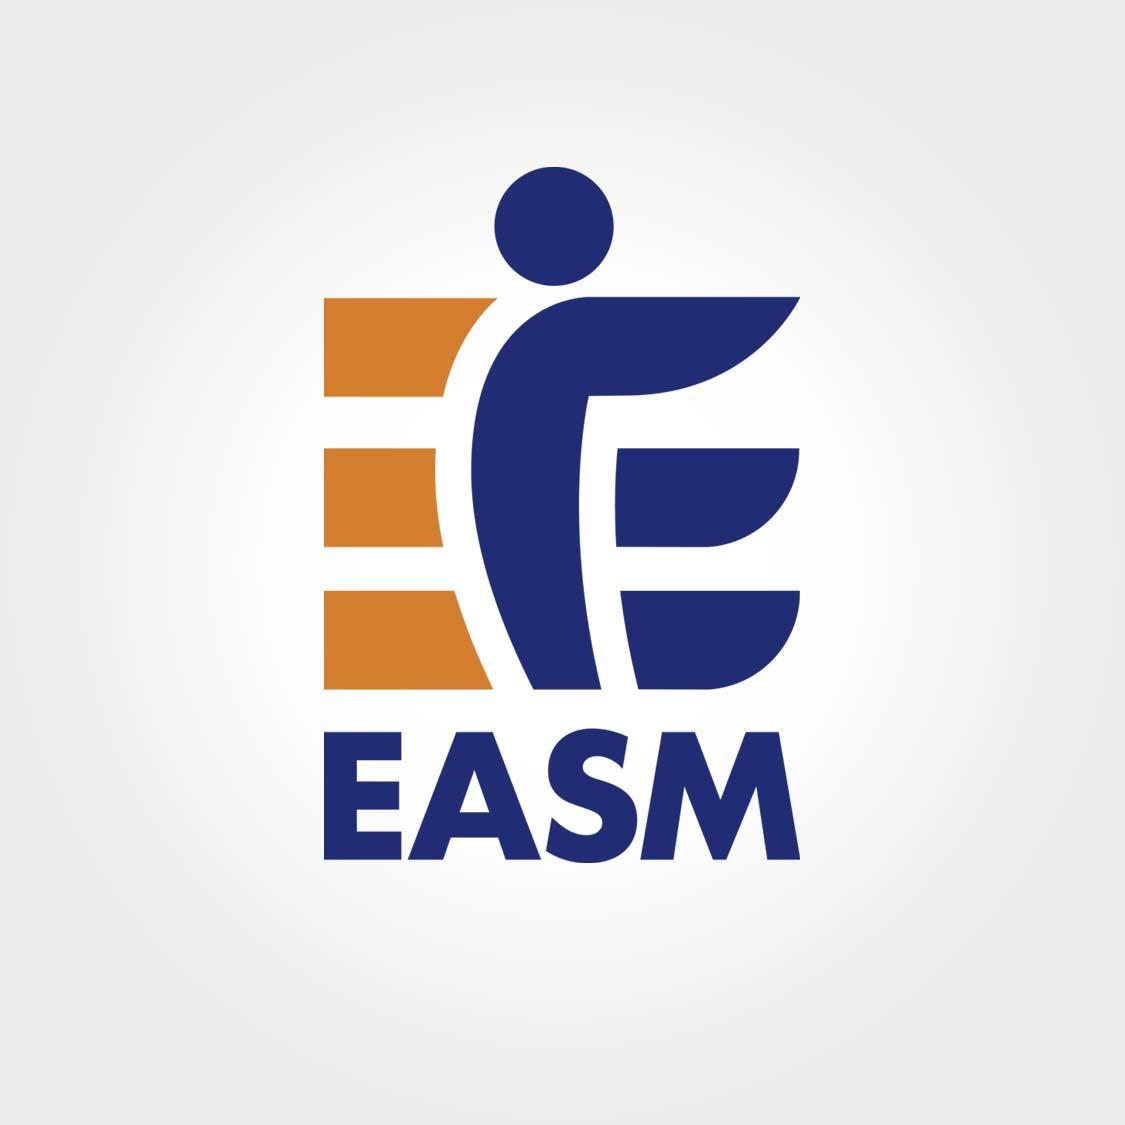 01 Logo EASM vorschau 1125px